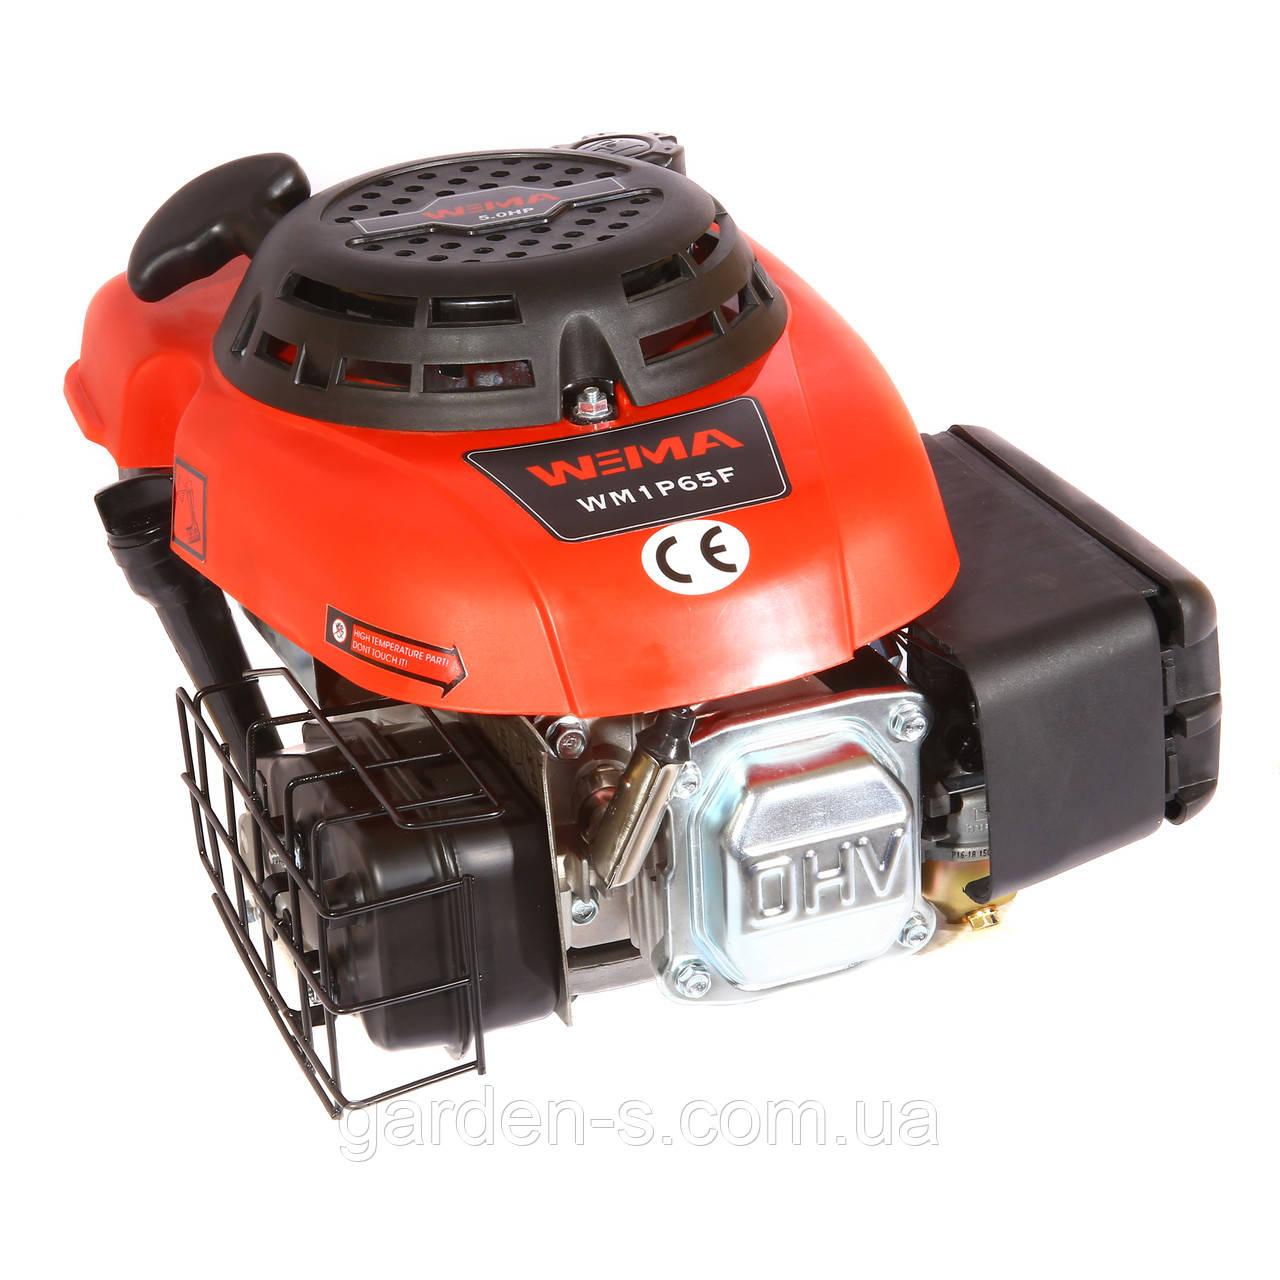 Бензиновый двигатель WEIMA WM1P65 5 лс (вкртикальный, вал шпонка)